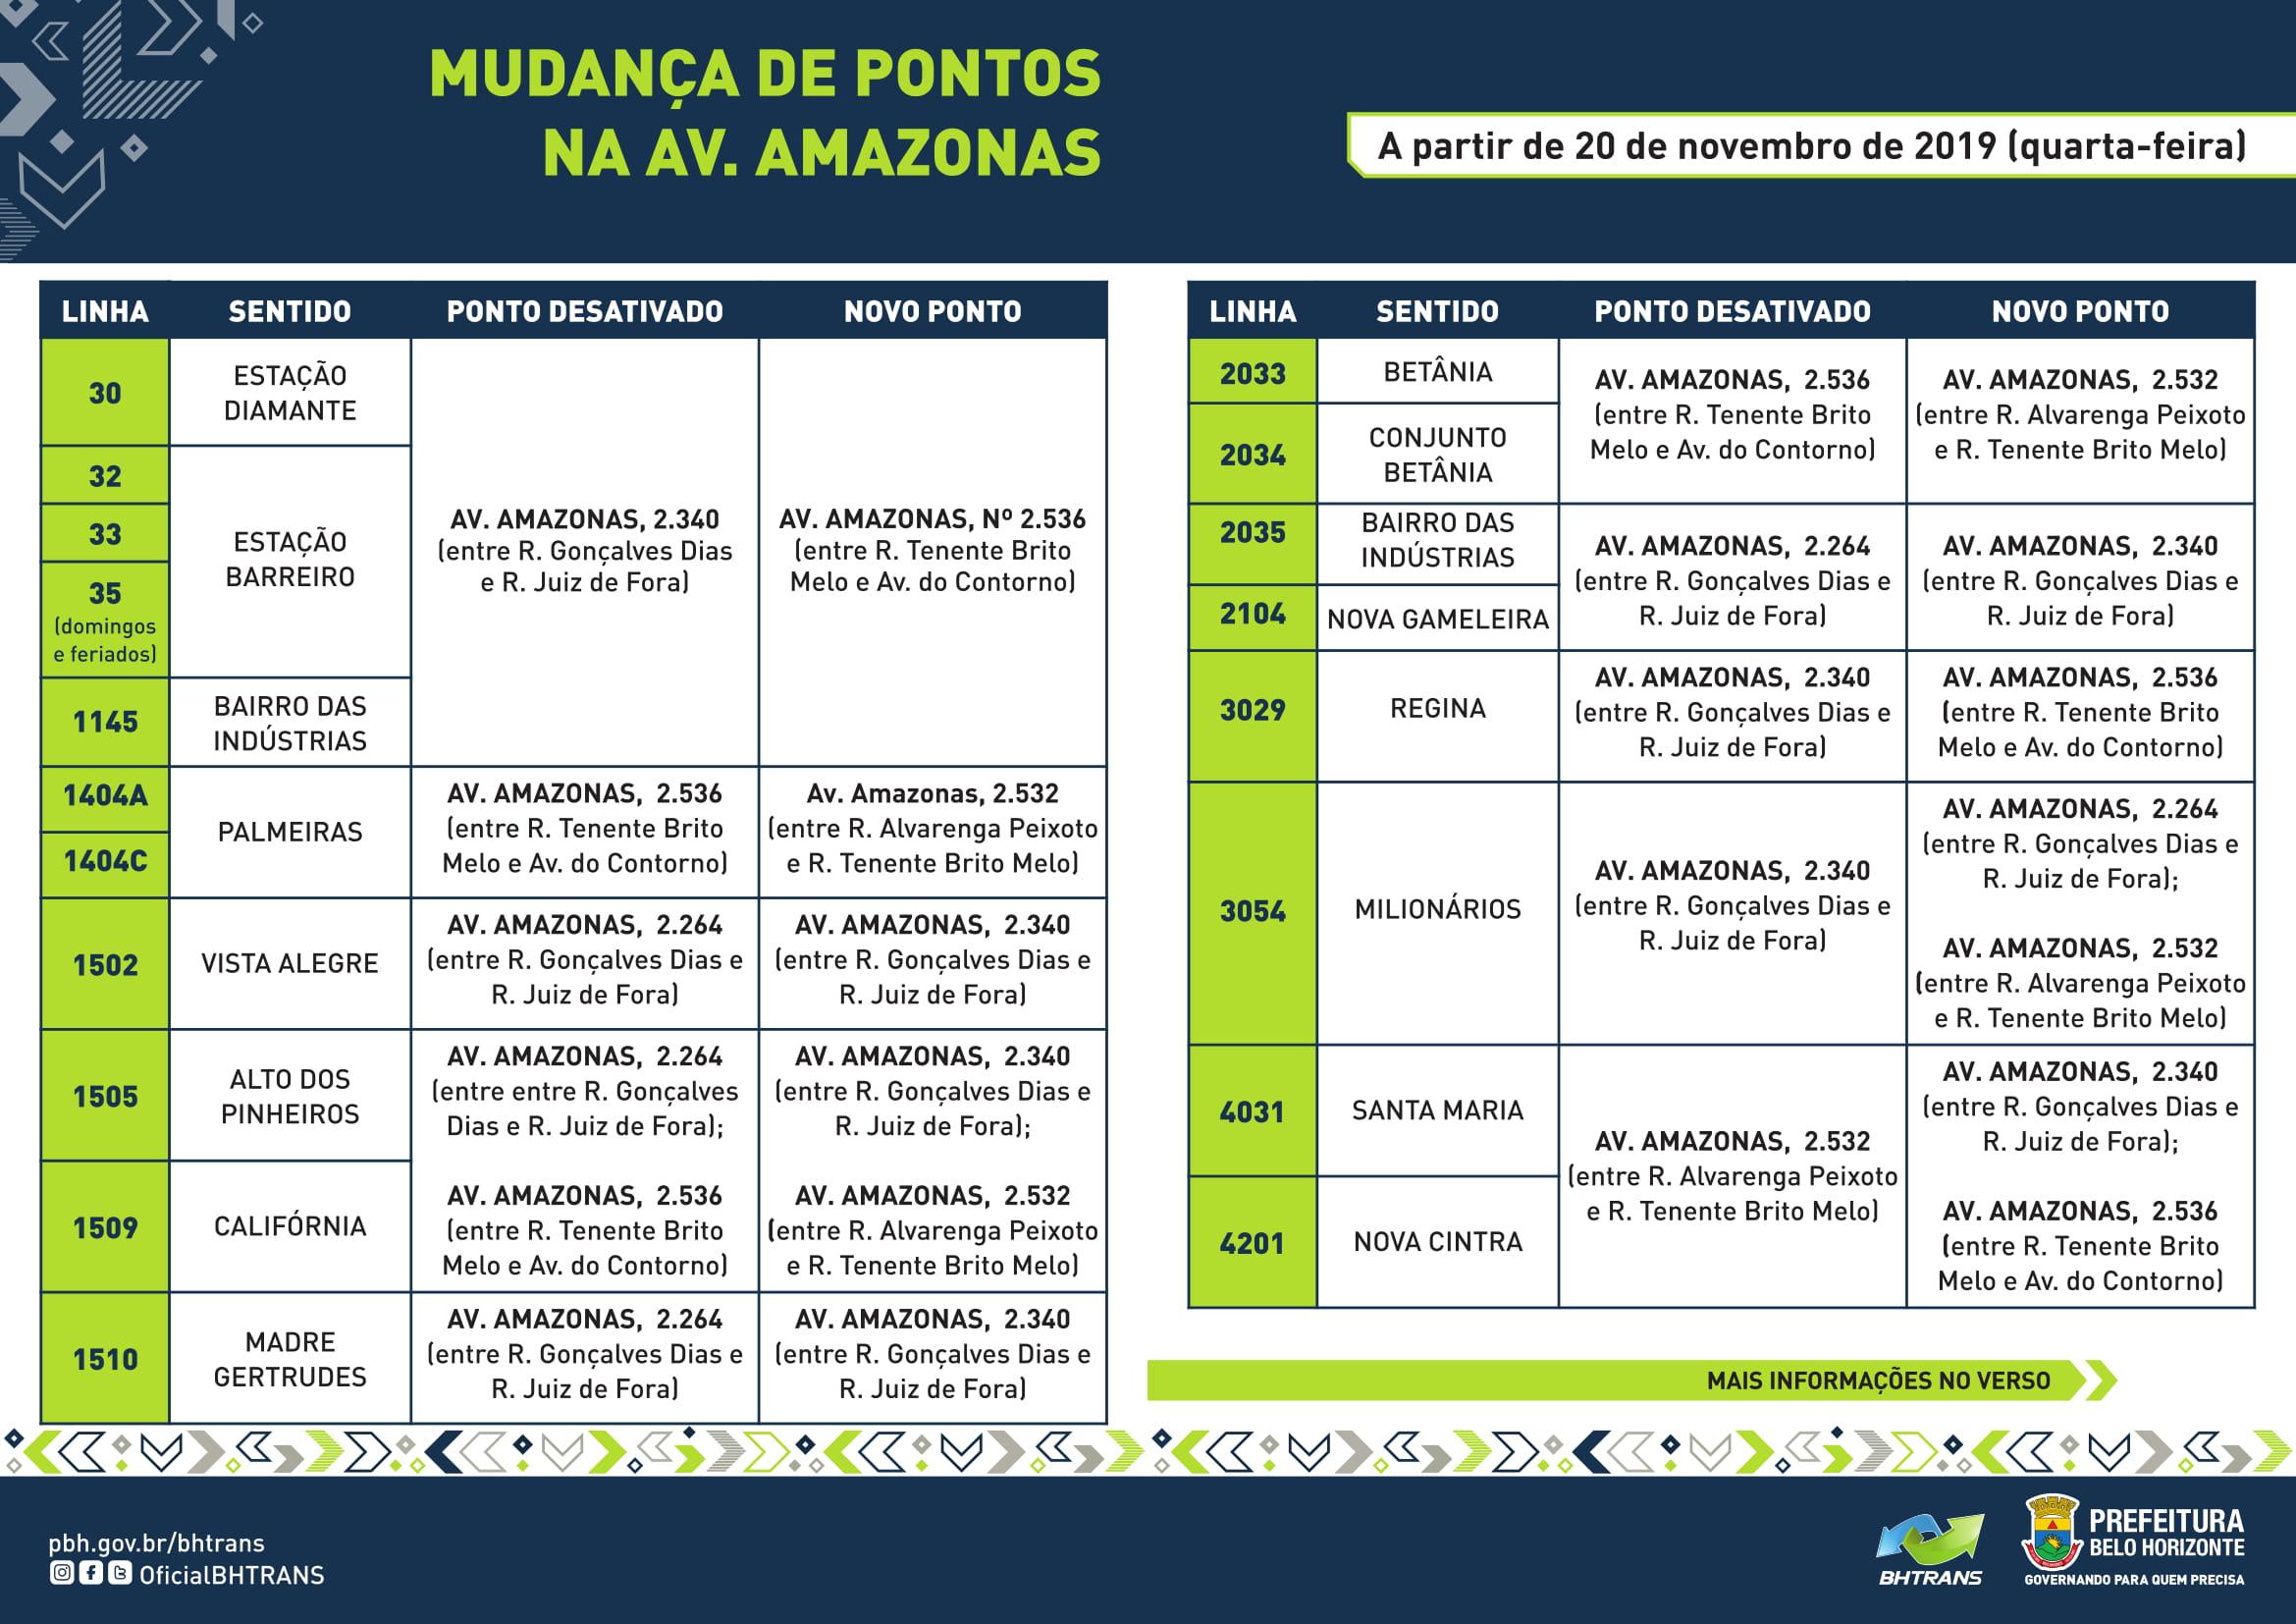 FOLDER MUDAN+çA DE PONTOS AV. AMAZONAS_NOV19_web-2